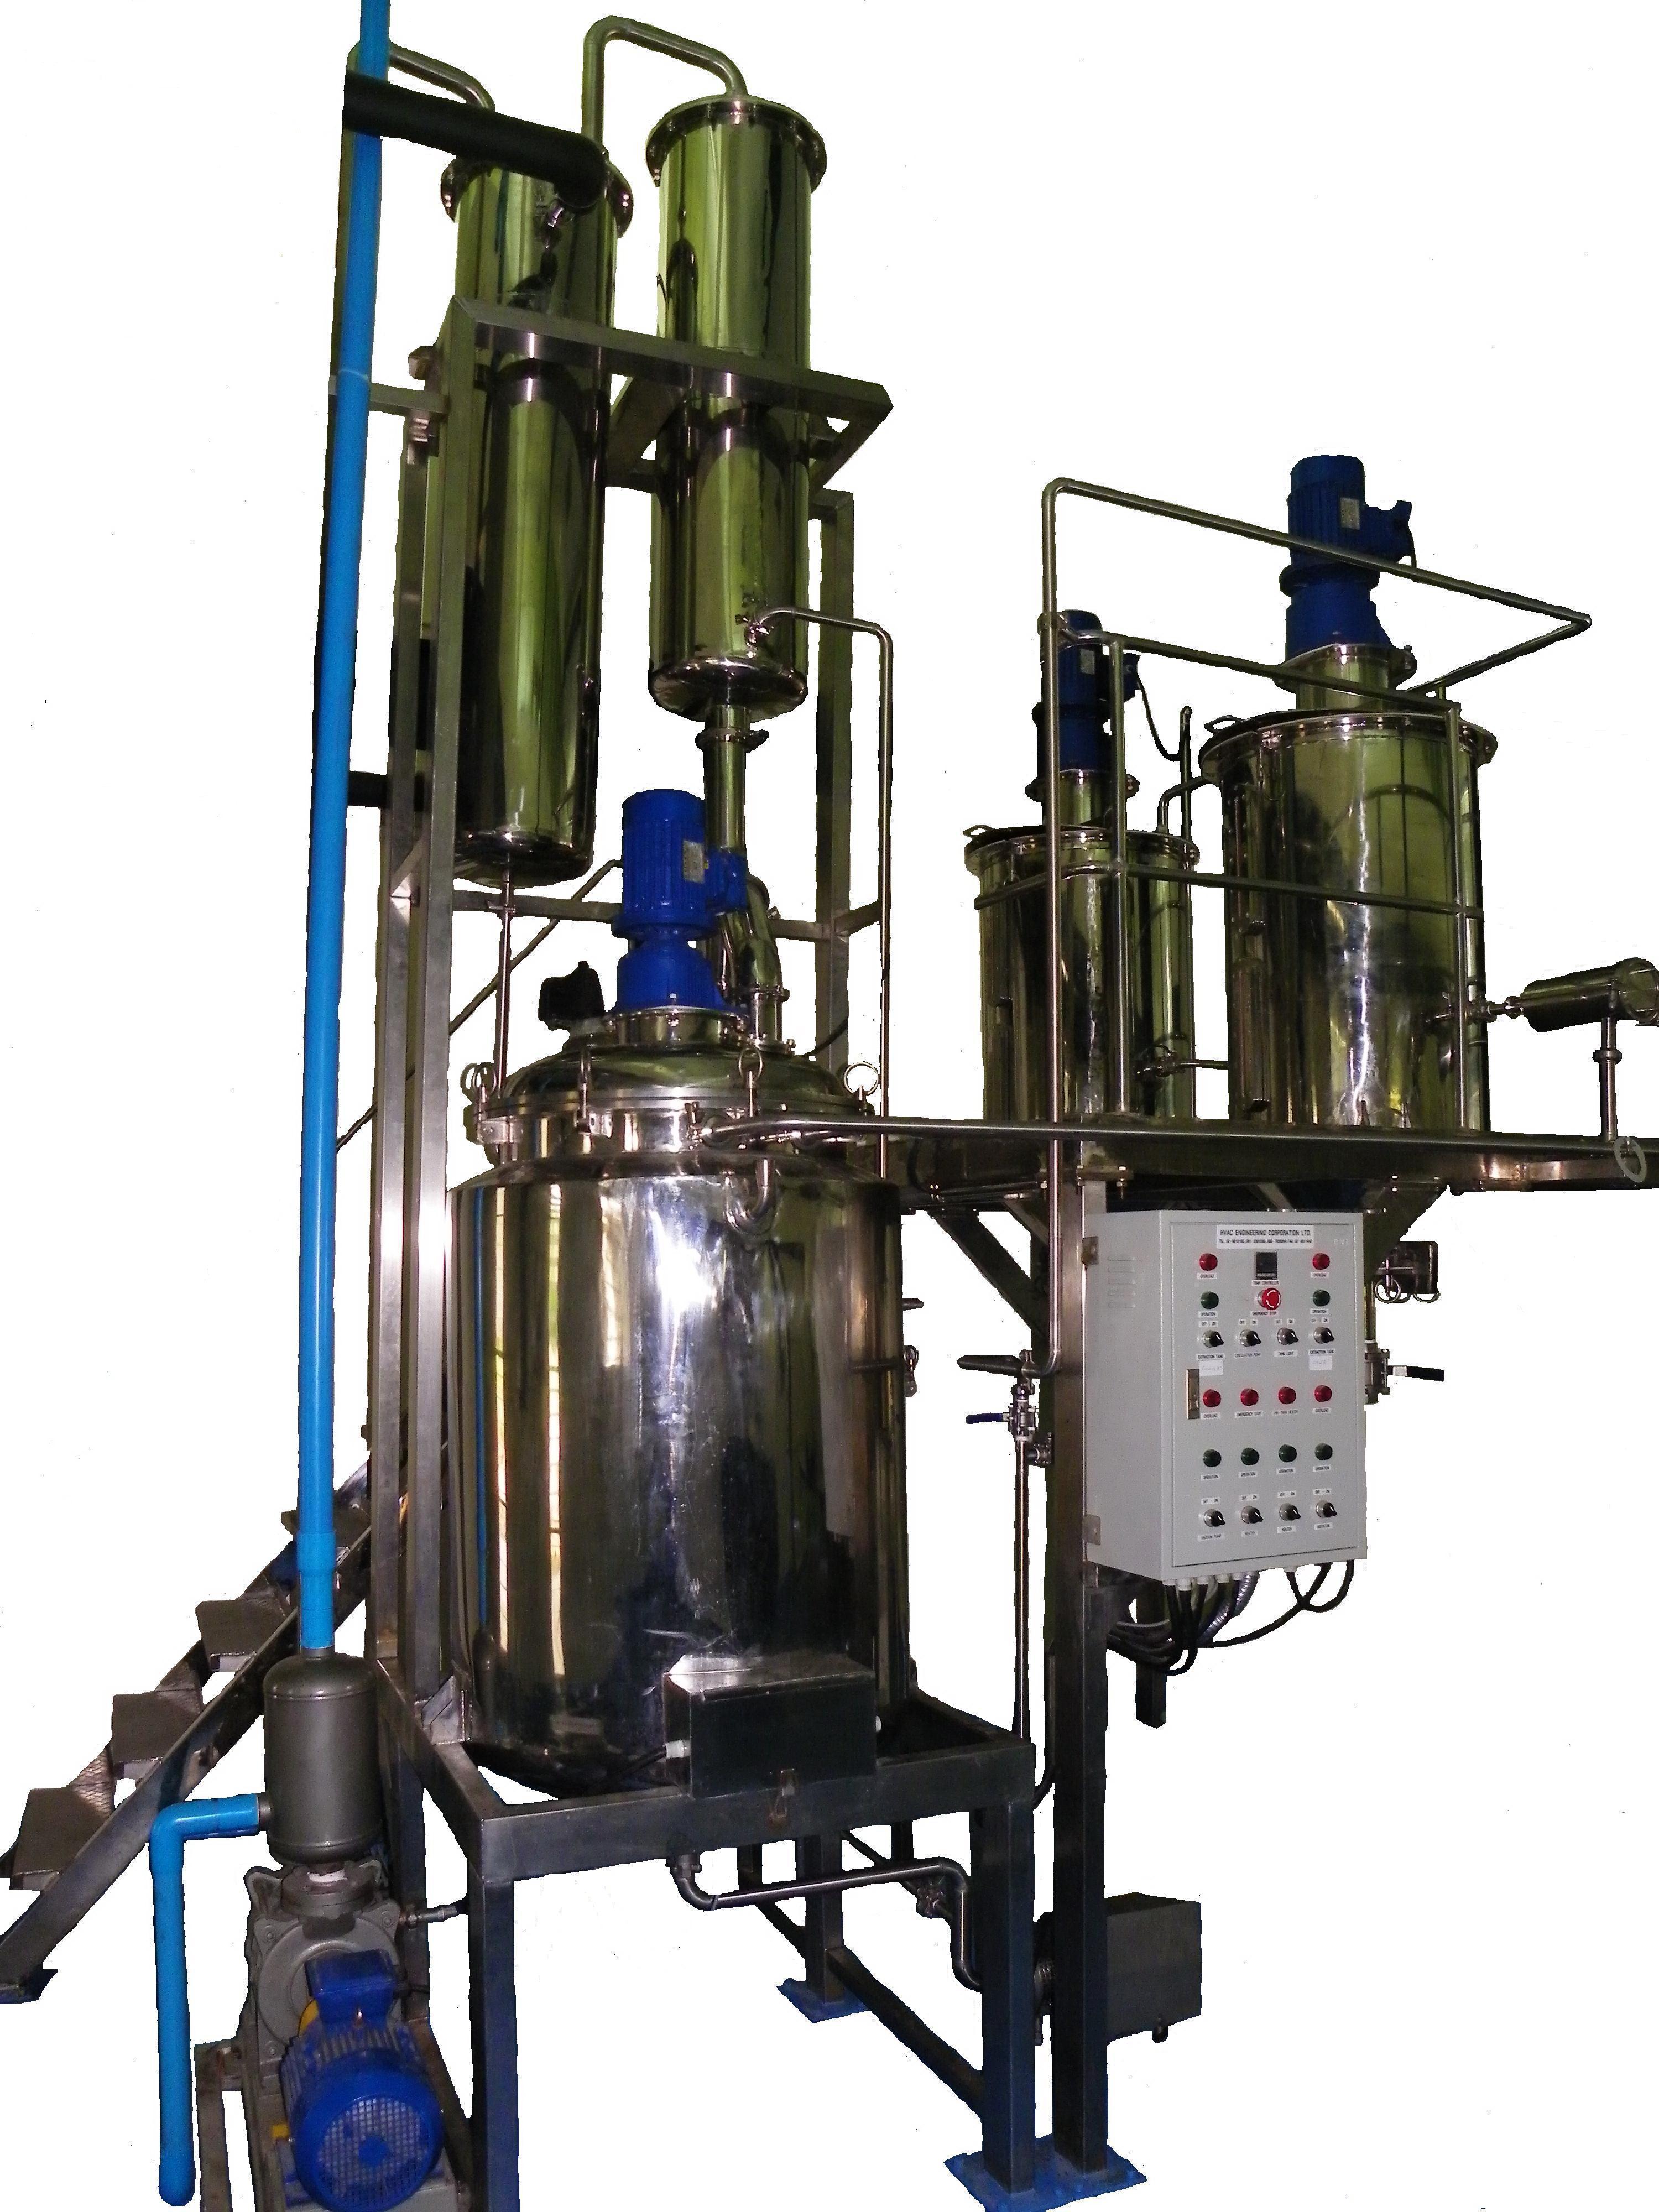 ชุดถังสกัดพร้อมเครือ่งระเหยแอลกอฮอล: Extractor with Alcohol vacuum evaporator set